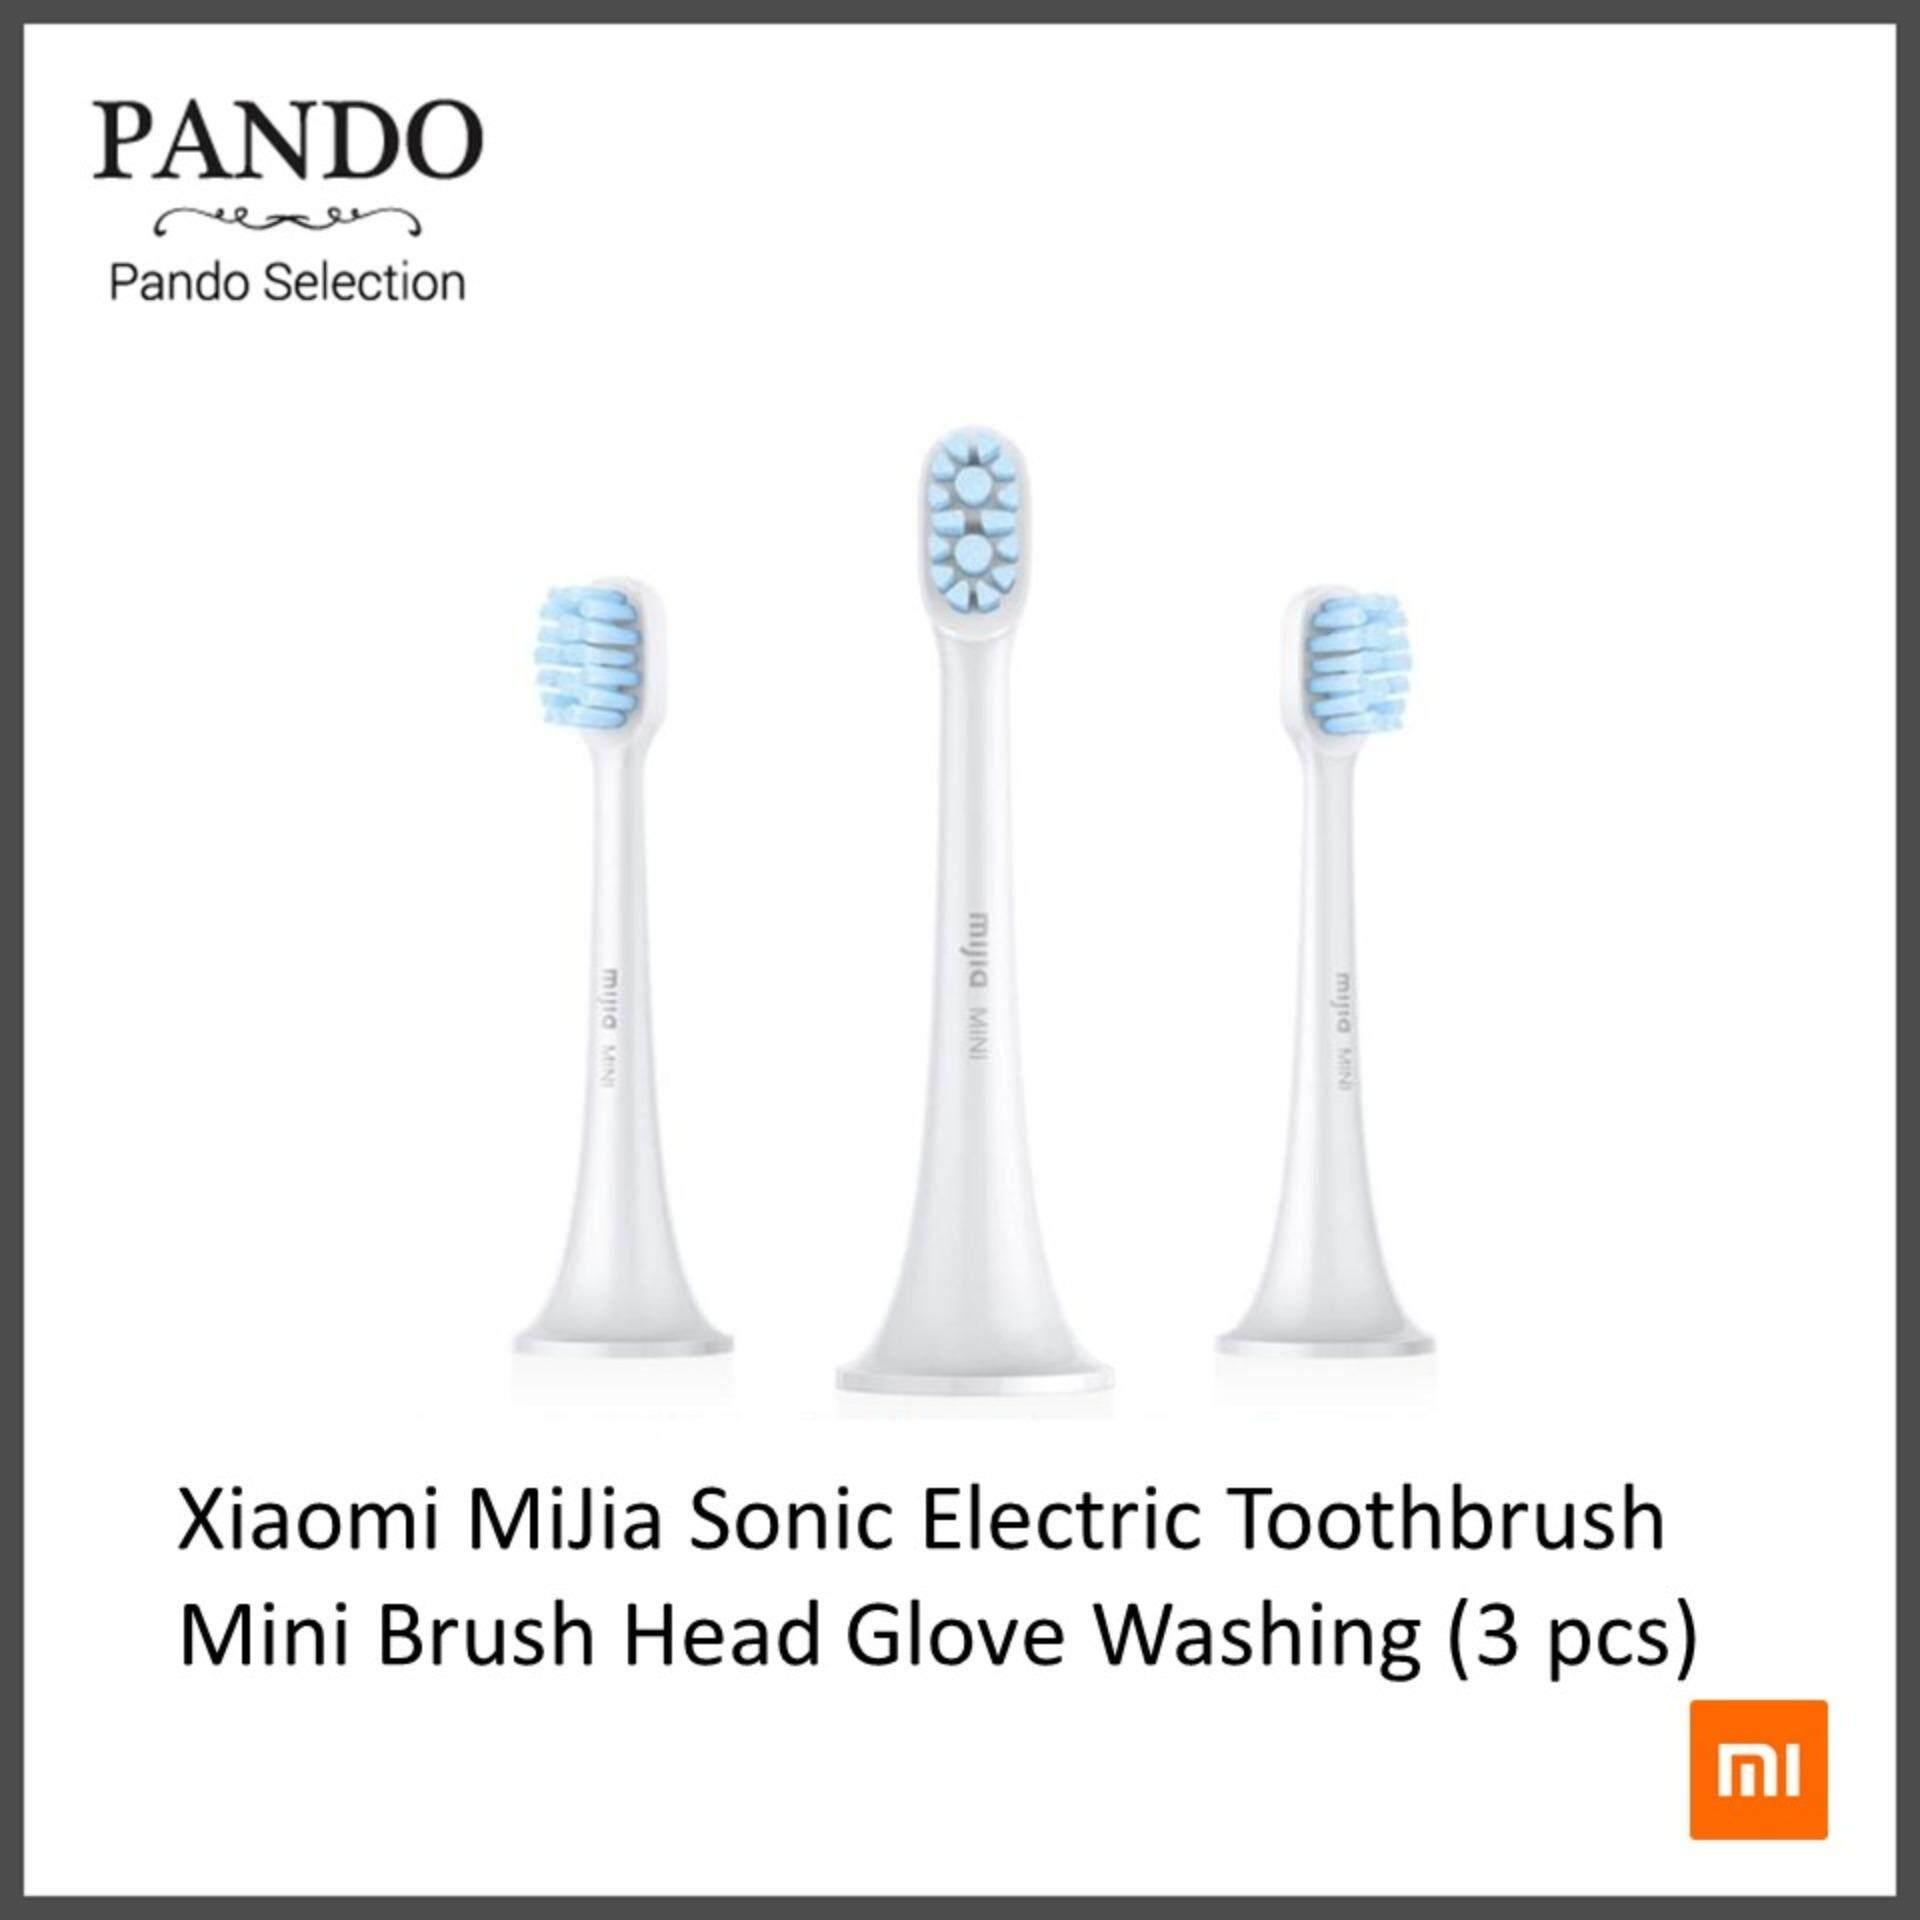 แปรงสีฟันไฟฟ้าเพื่อรอยยิ้มขาวสดใส พระนครศรีอยุธยา Xiaomi MiJia Sonic Electric Toothbrush Mini Brush Head Glove Washing  3 pcs  หัวแปรงสีฟันไฟฟ้า  บรรจุ 3 ชิ้น   by Pando Selection   Fanslink